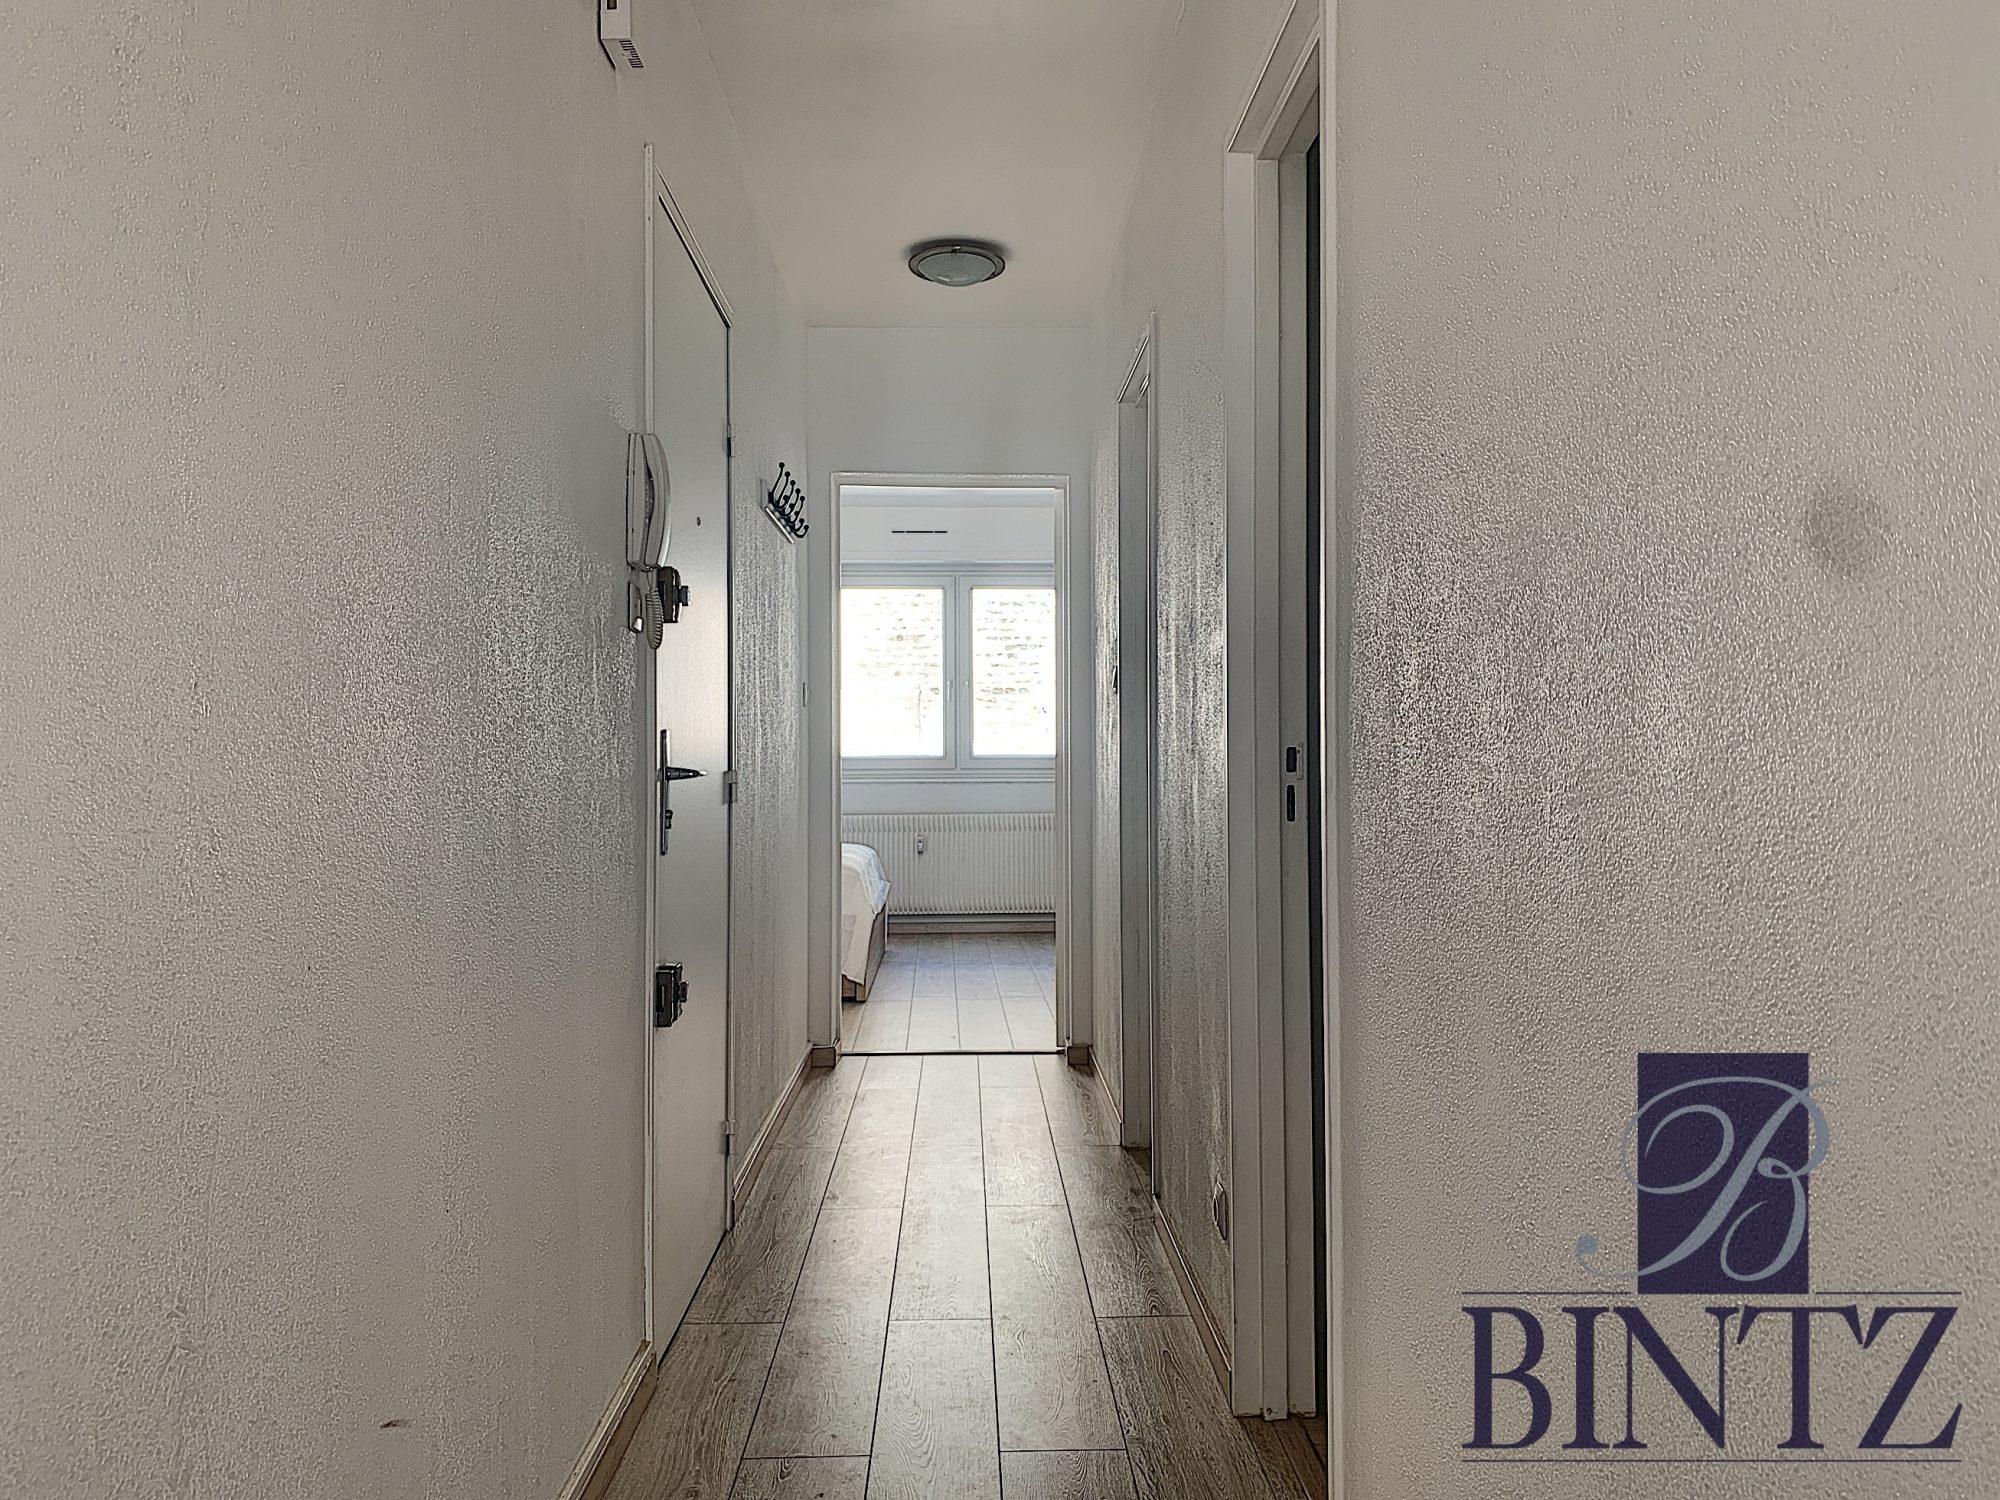 2 PIECES MEUBLE HYPER CENTRE - Devenez locataire en toute sérénité - Bintz Immobilier - 8